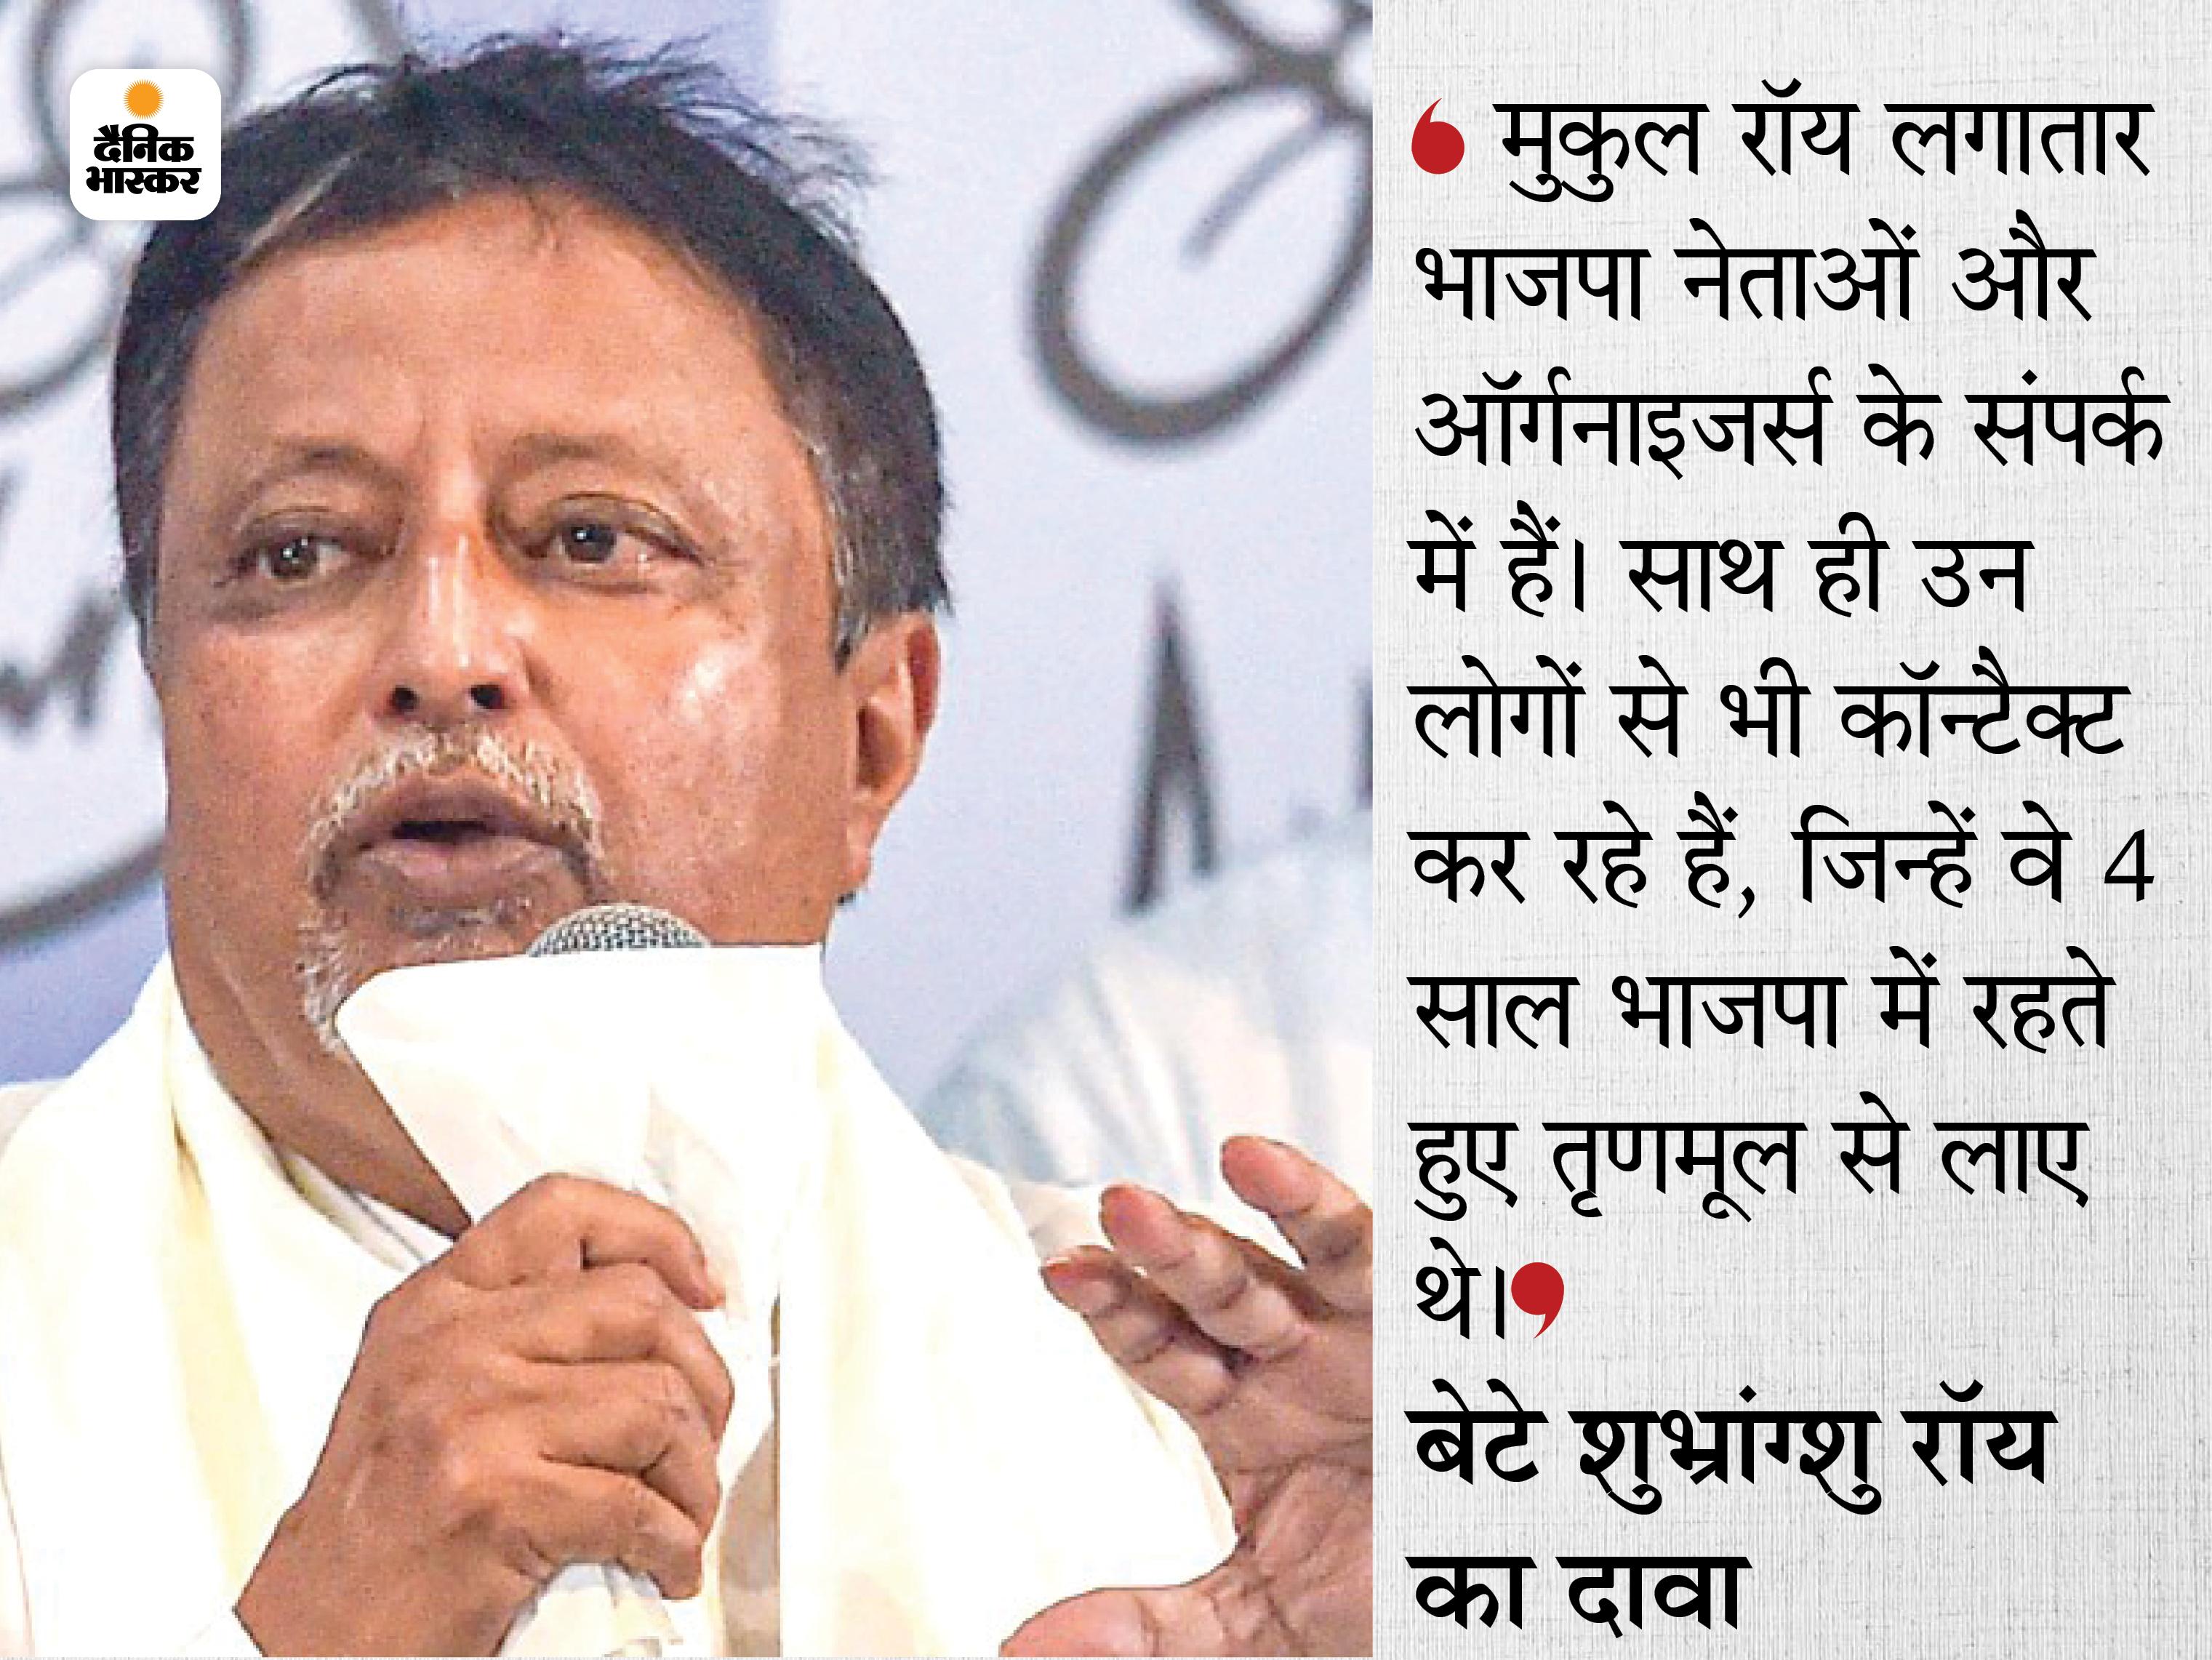 मुकुल रॉय BJP लीडर्स के संपर्क में, बेटे शुभ्रांग्शु बोले- 25 विधायक और 2 सांसद तृणमूल में आ सकते हैं|देश,National - Dainik Bhaskar